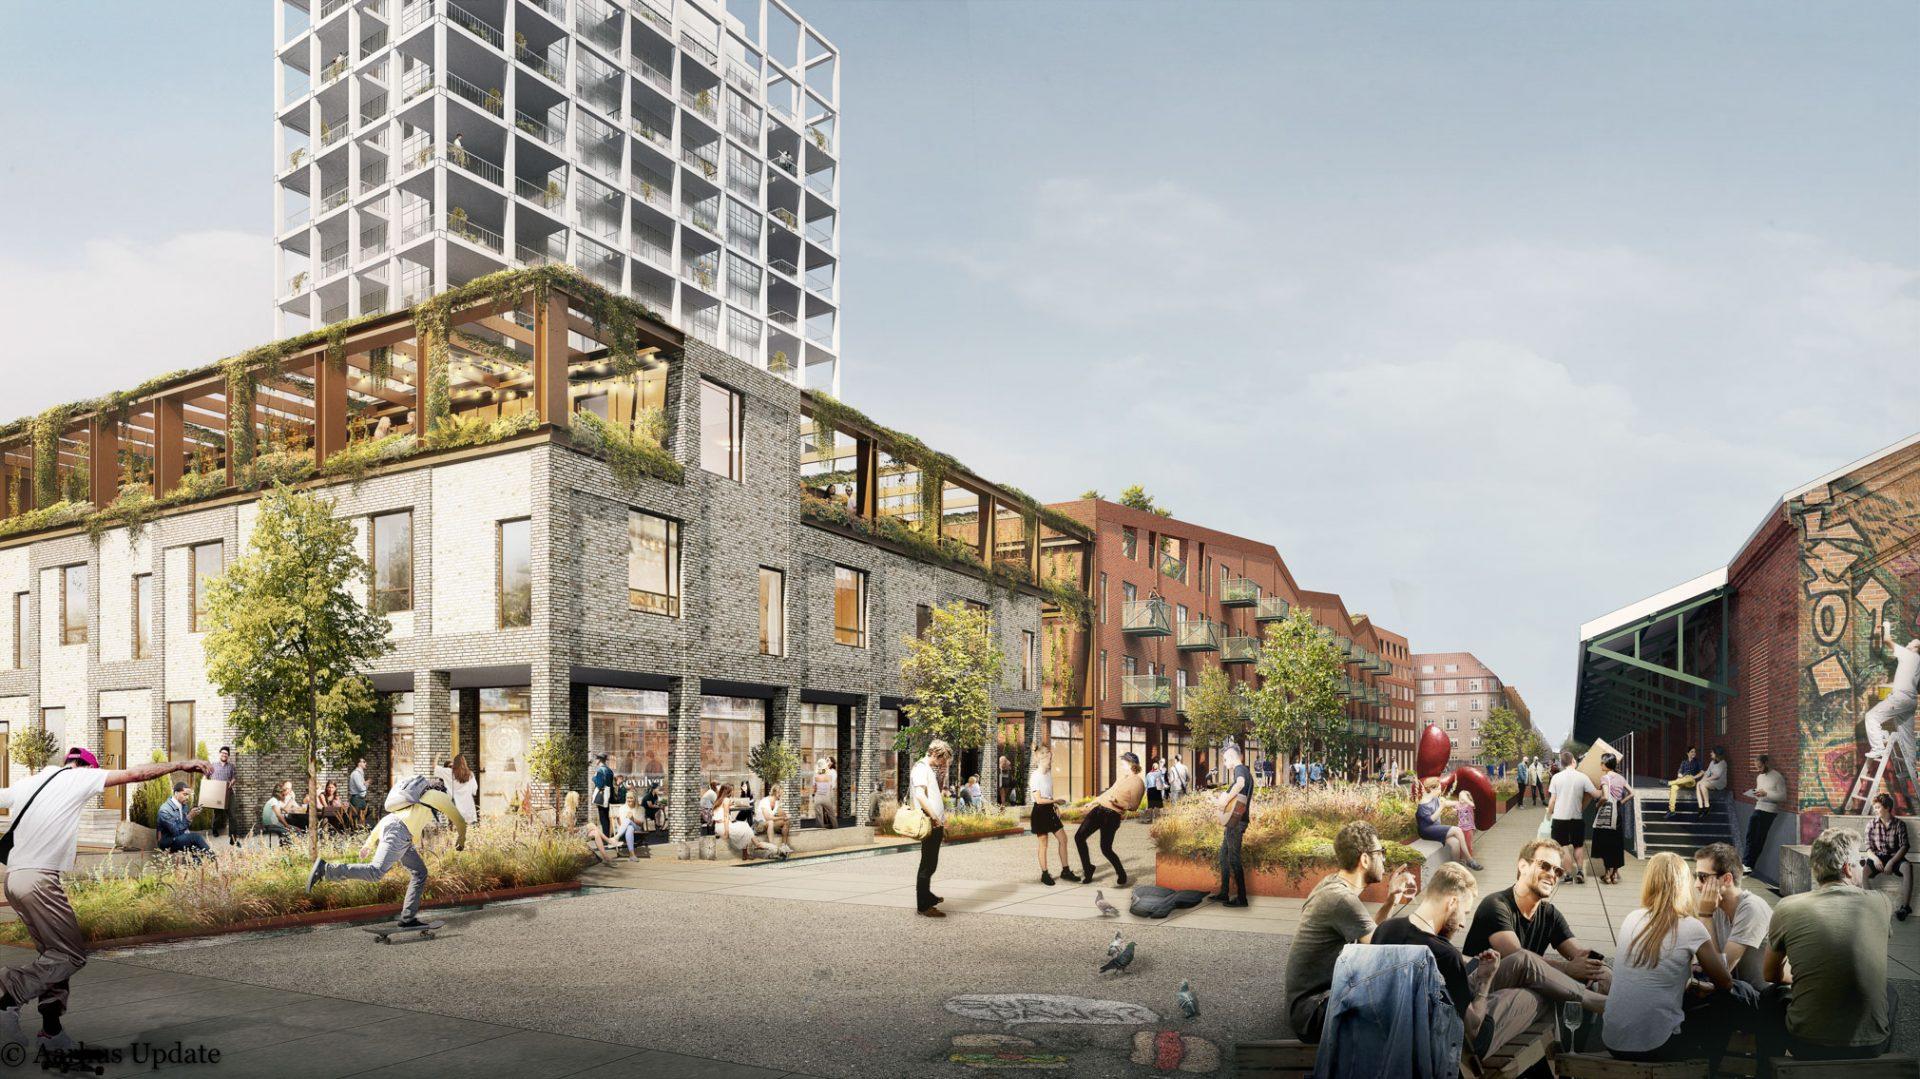 Godsbanen tager næste skridt: Byhuse, grønne tage og åbne stueetager med erhverv er på vej